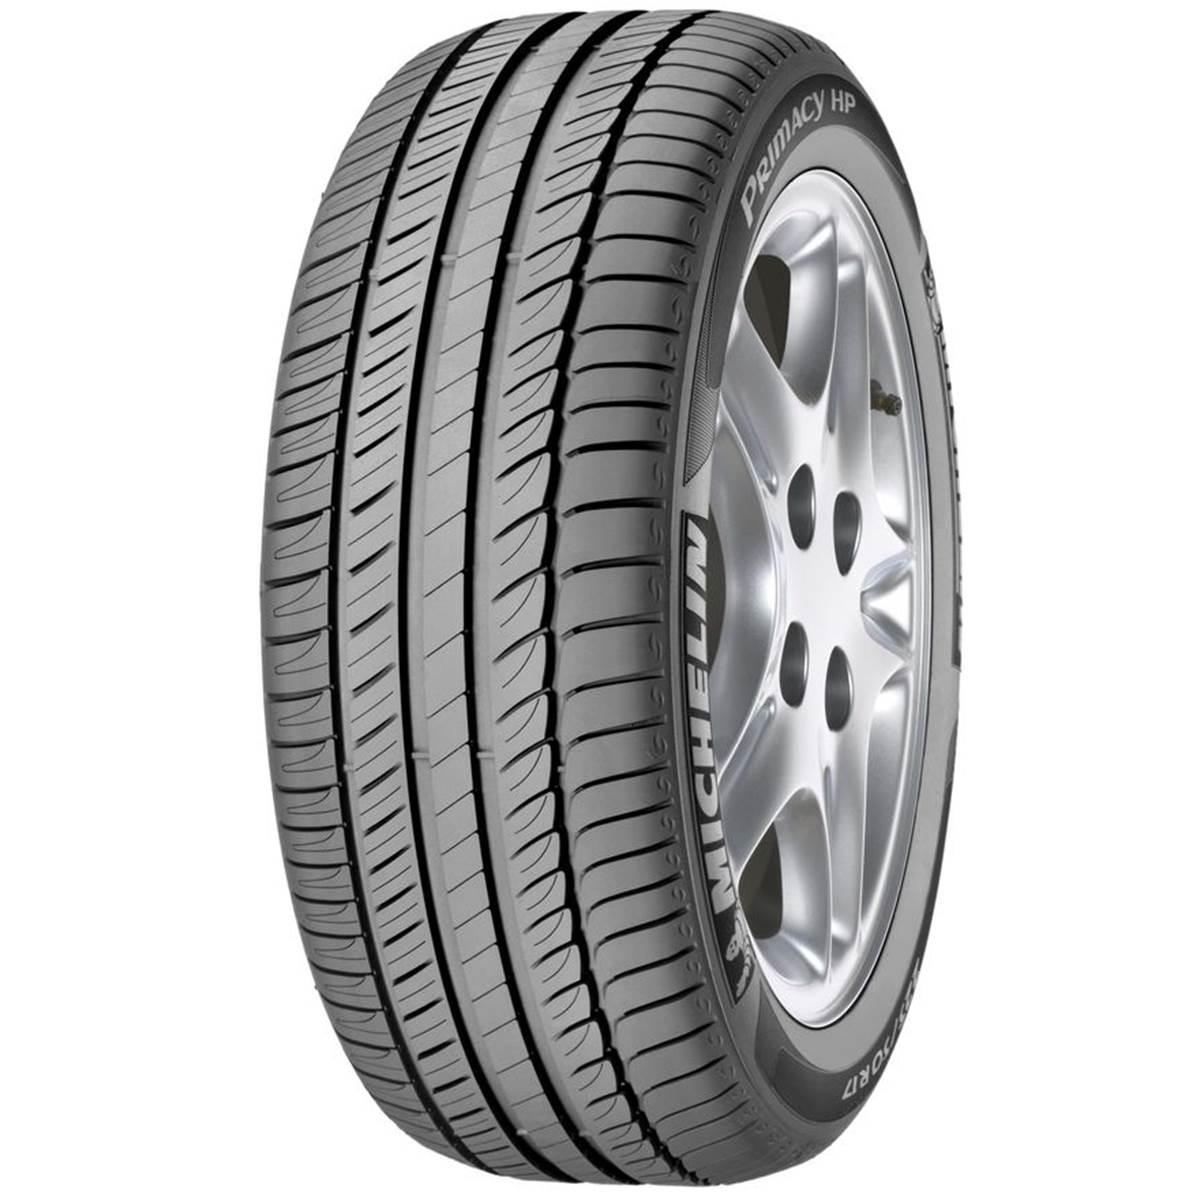 Pneu Michelin 225/50R17 94H Primacy Hp